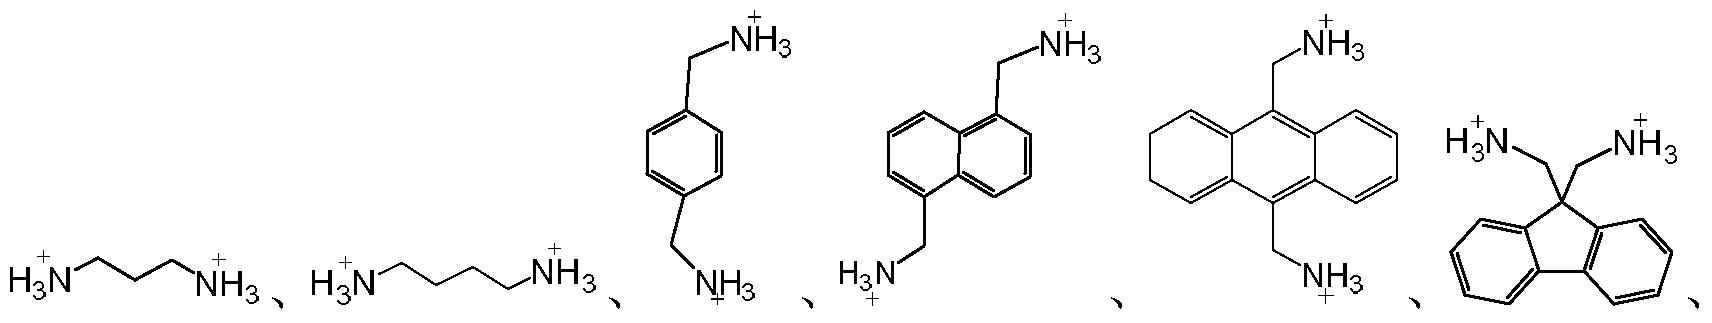 Figure PCTCN2017071351-appb-000002